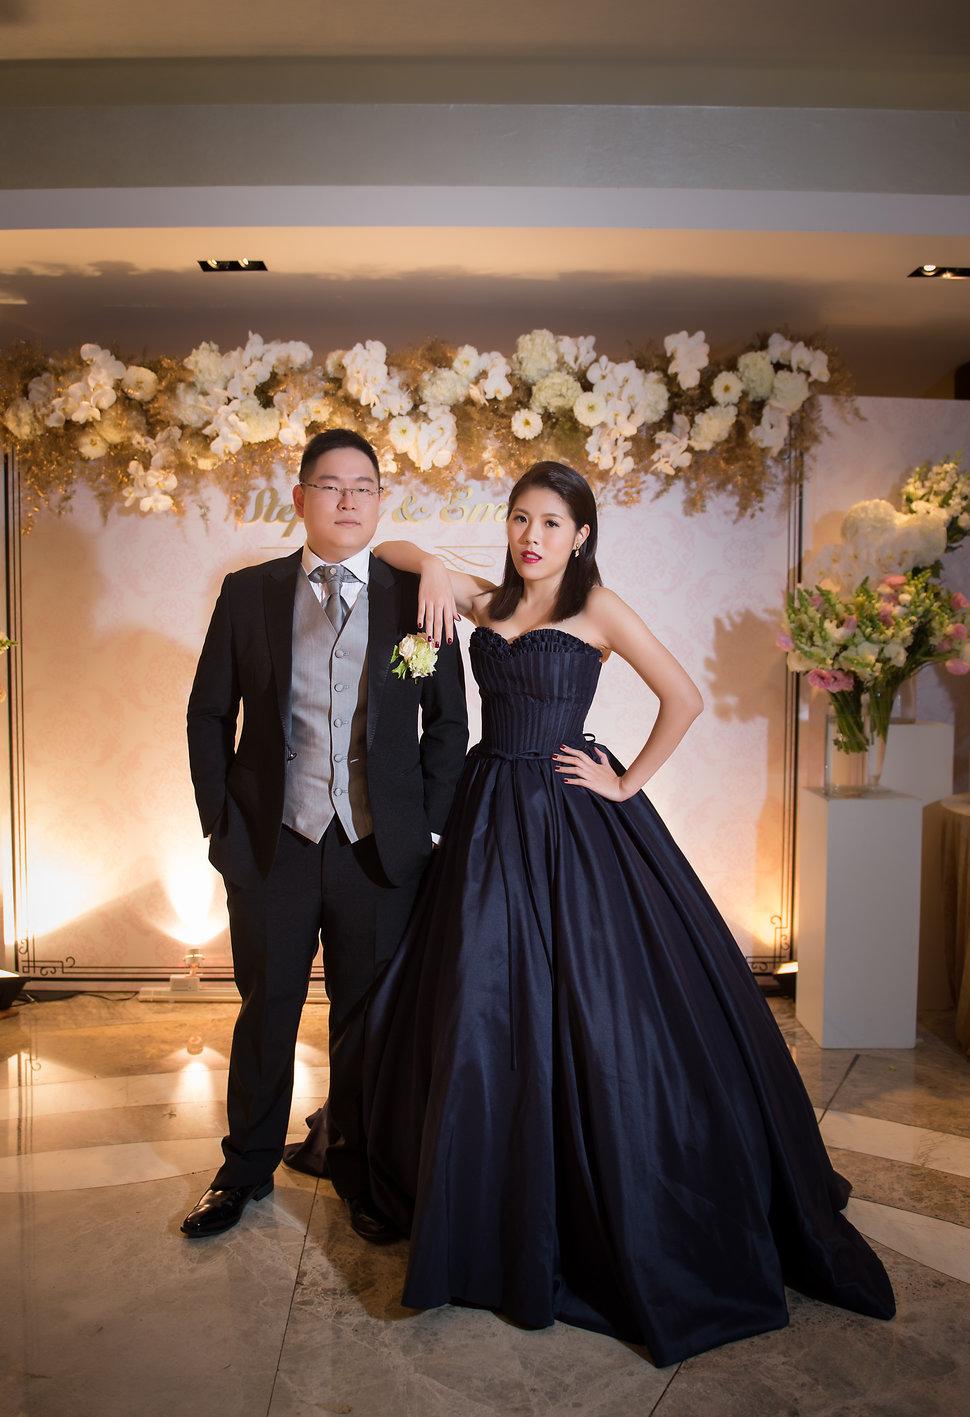 [台北婚攝] 文定婚禮紀錄 台北君悅酒店(編號:431975) - Allen影像團隊 Love Story - 結婚吧